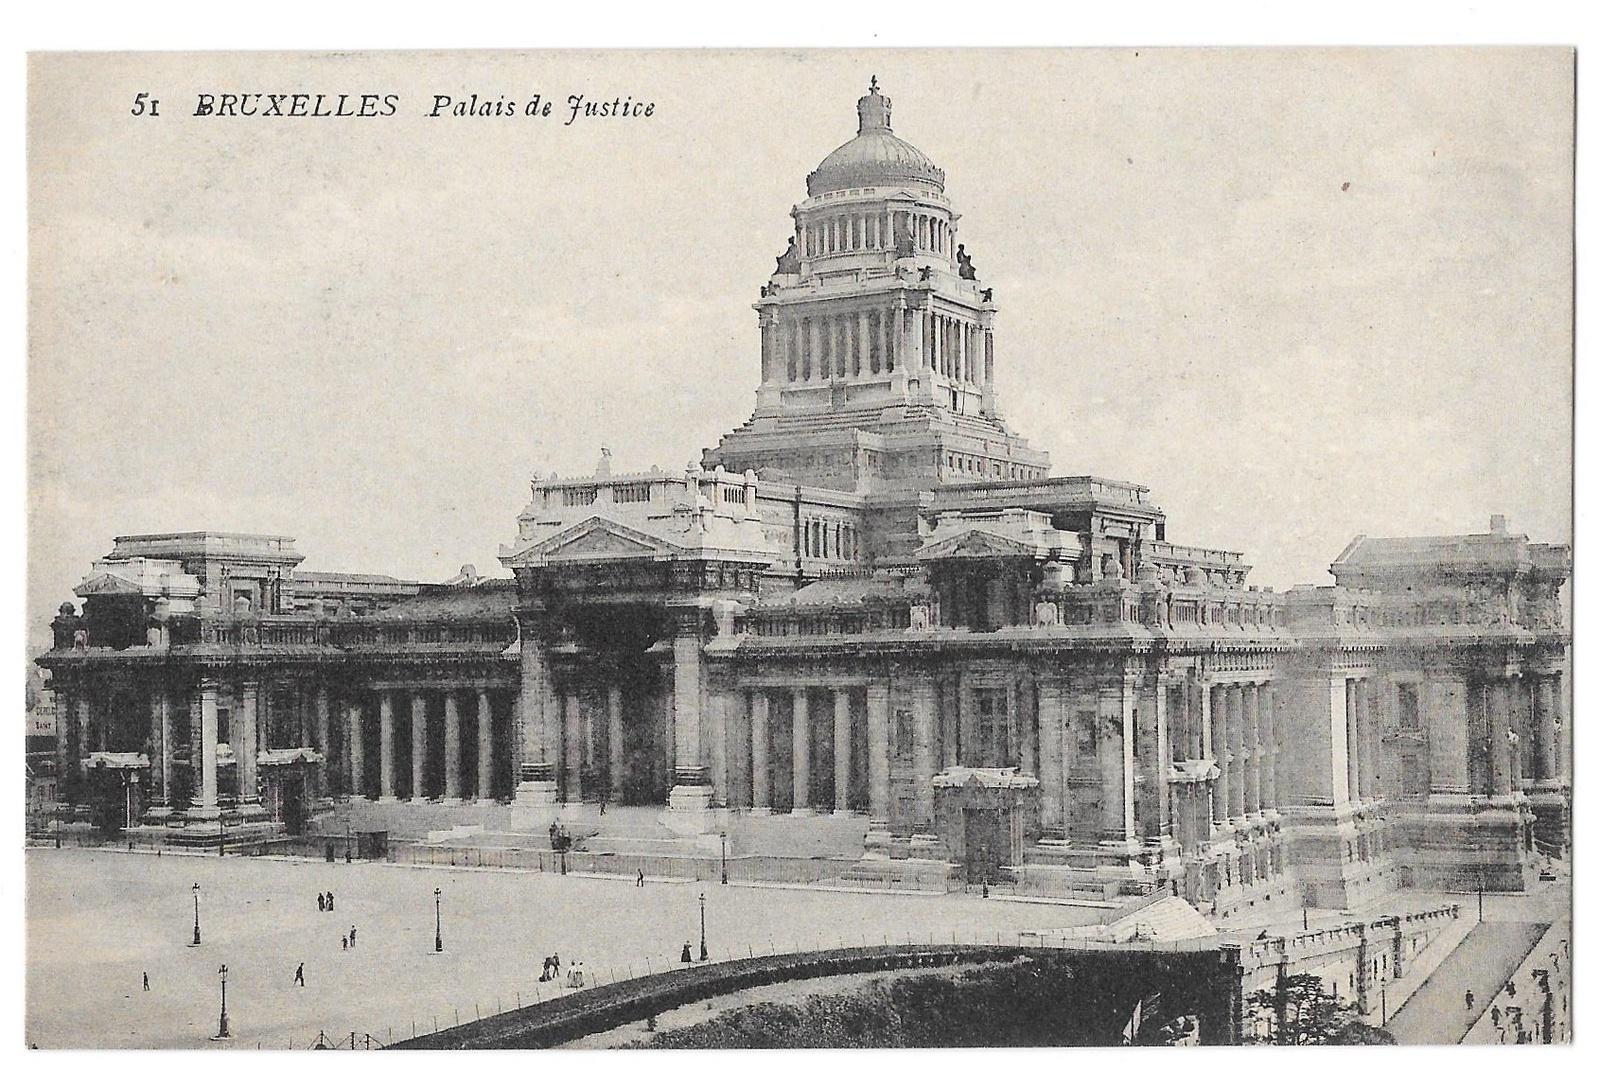 97 br 4950 315 belgium bruxelles brussels palais de justice